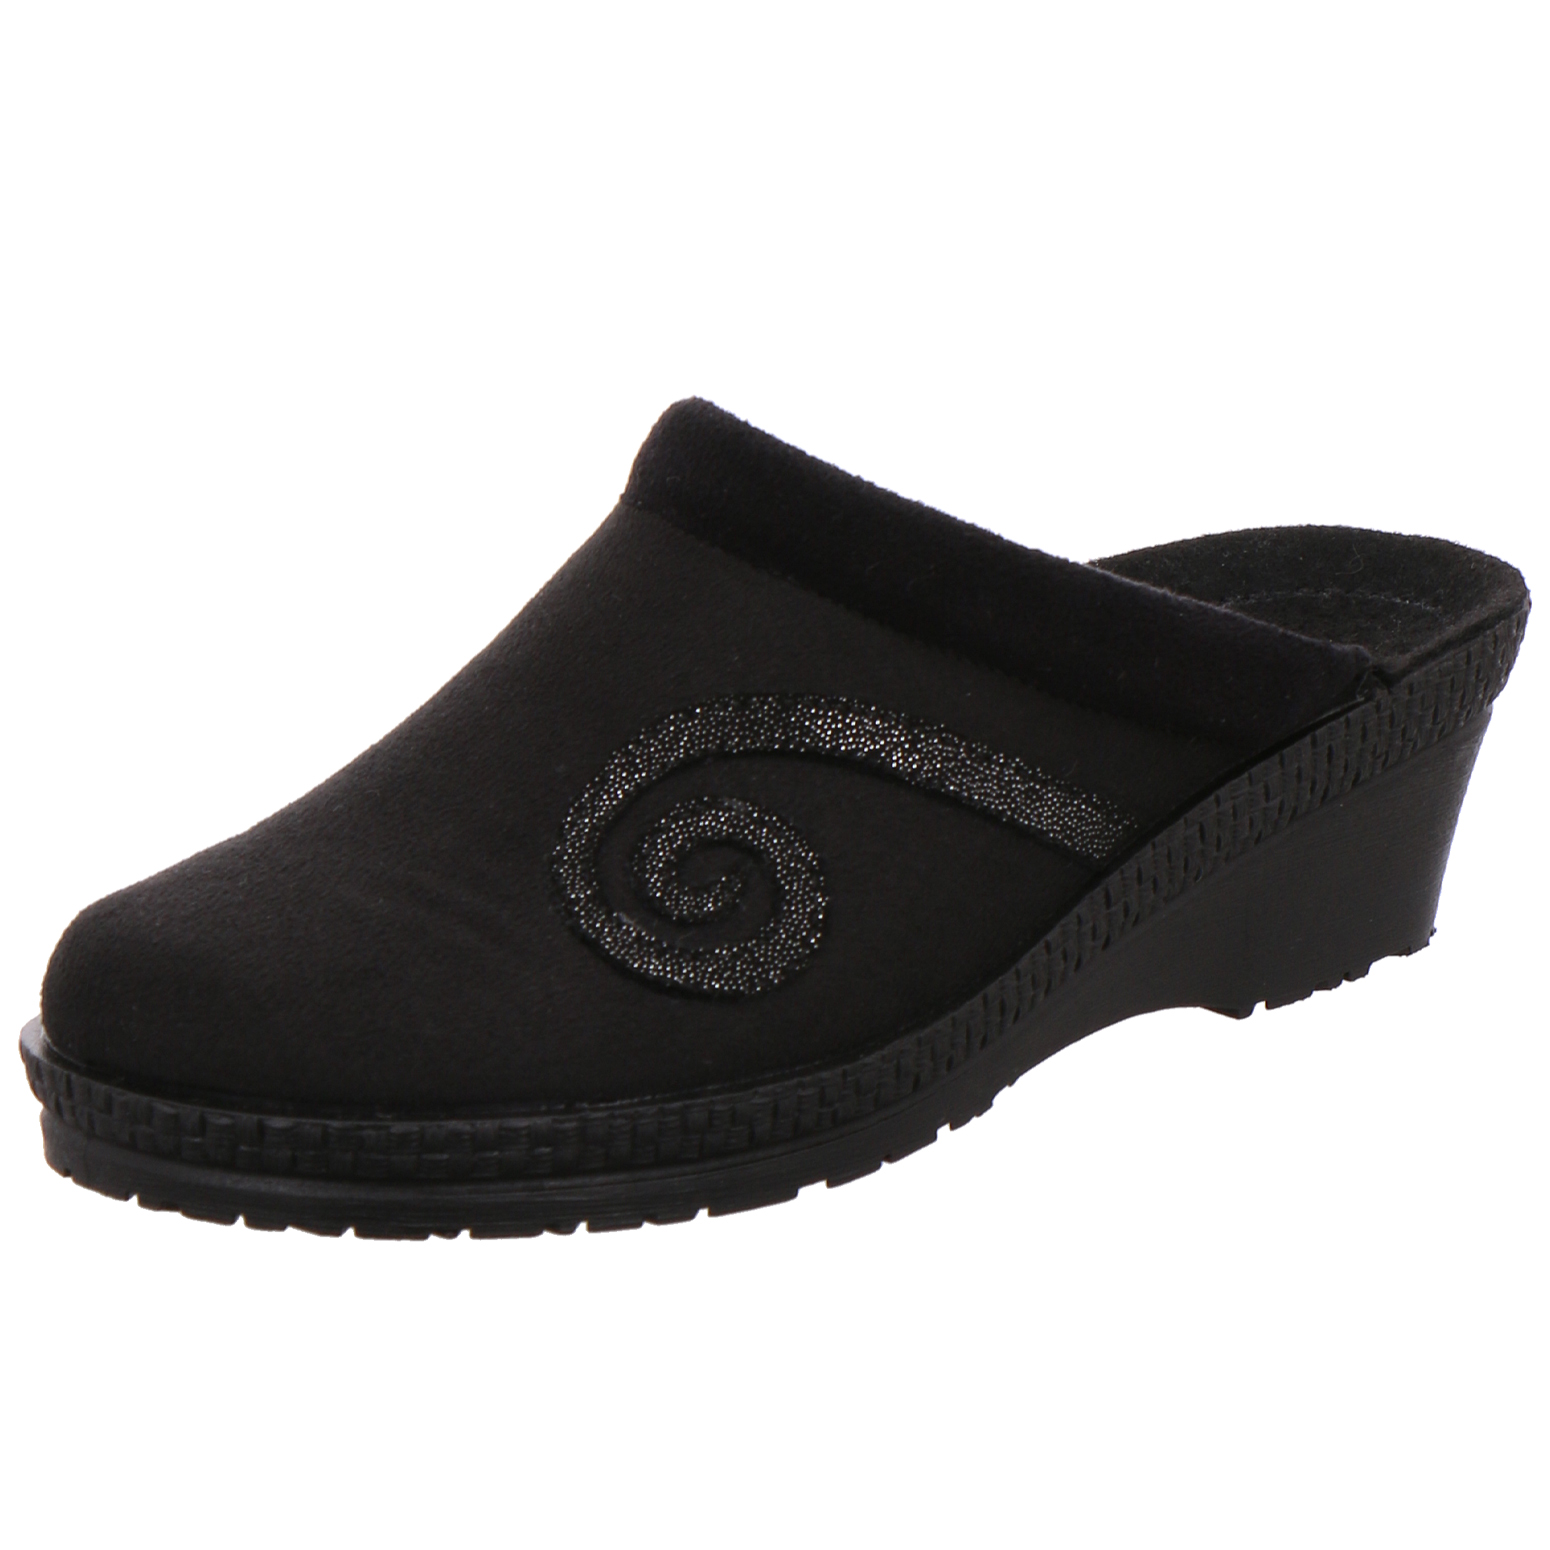 Rohde 2462 Neustadt D Damen Schuhe Pantoffeln Hausschuhe Weite G